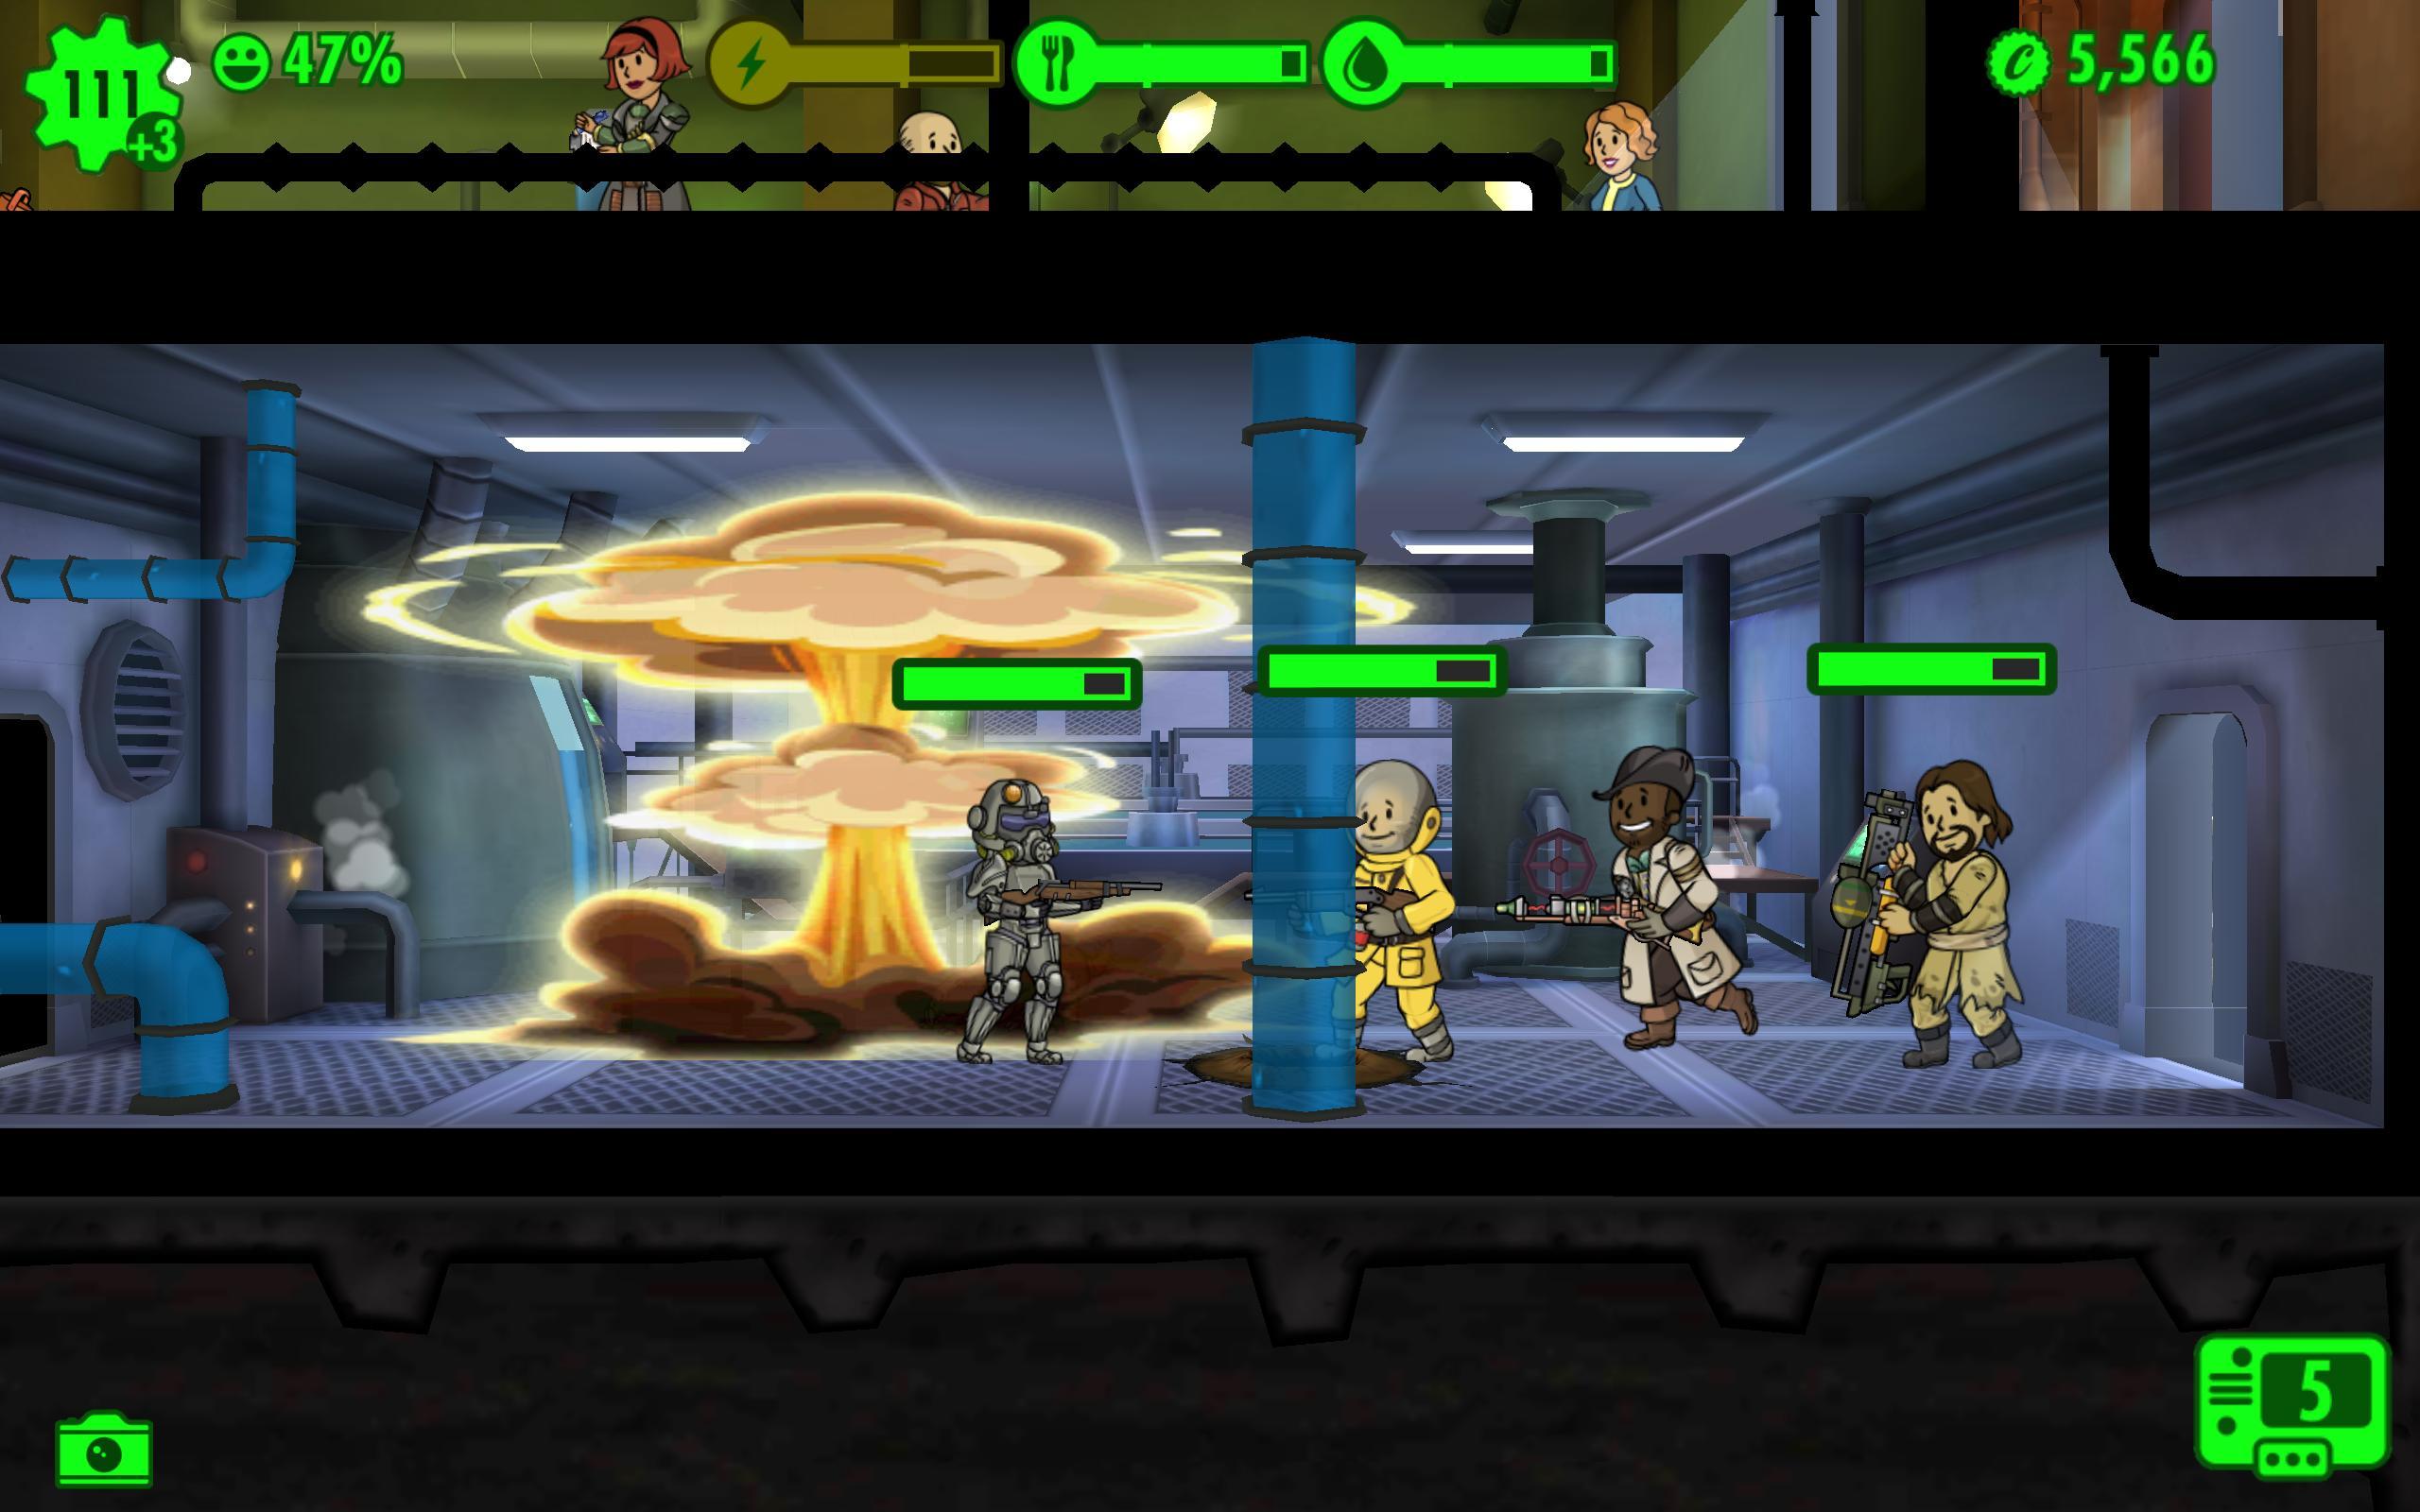 Hasil gambar untuk gambar game android fallout shelter